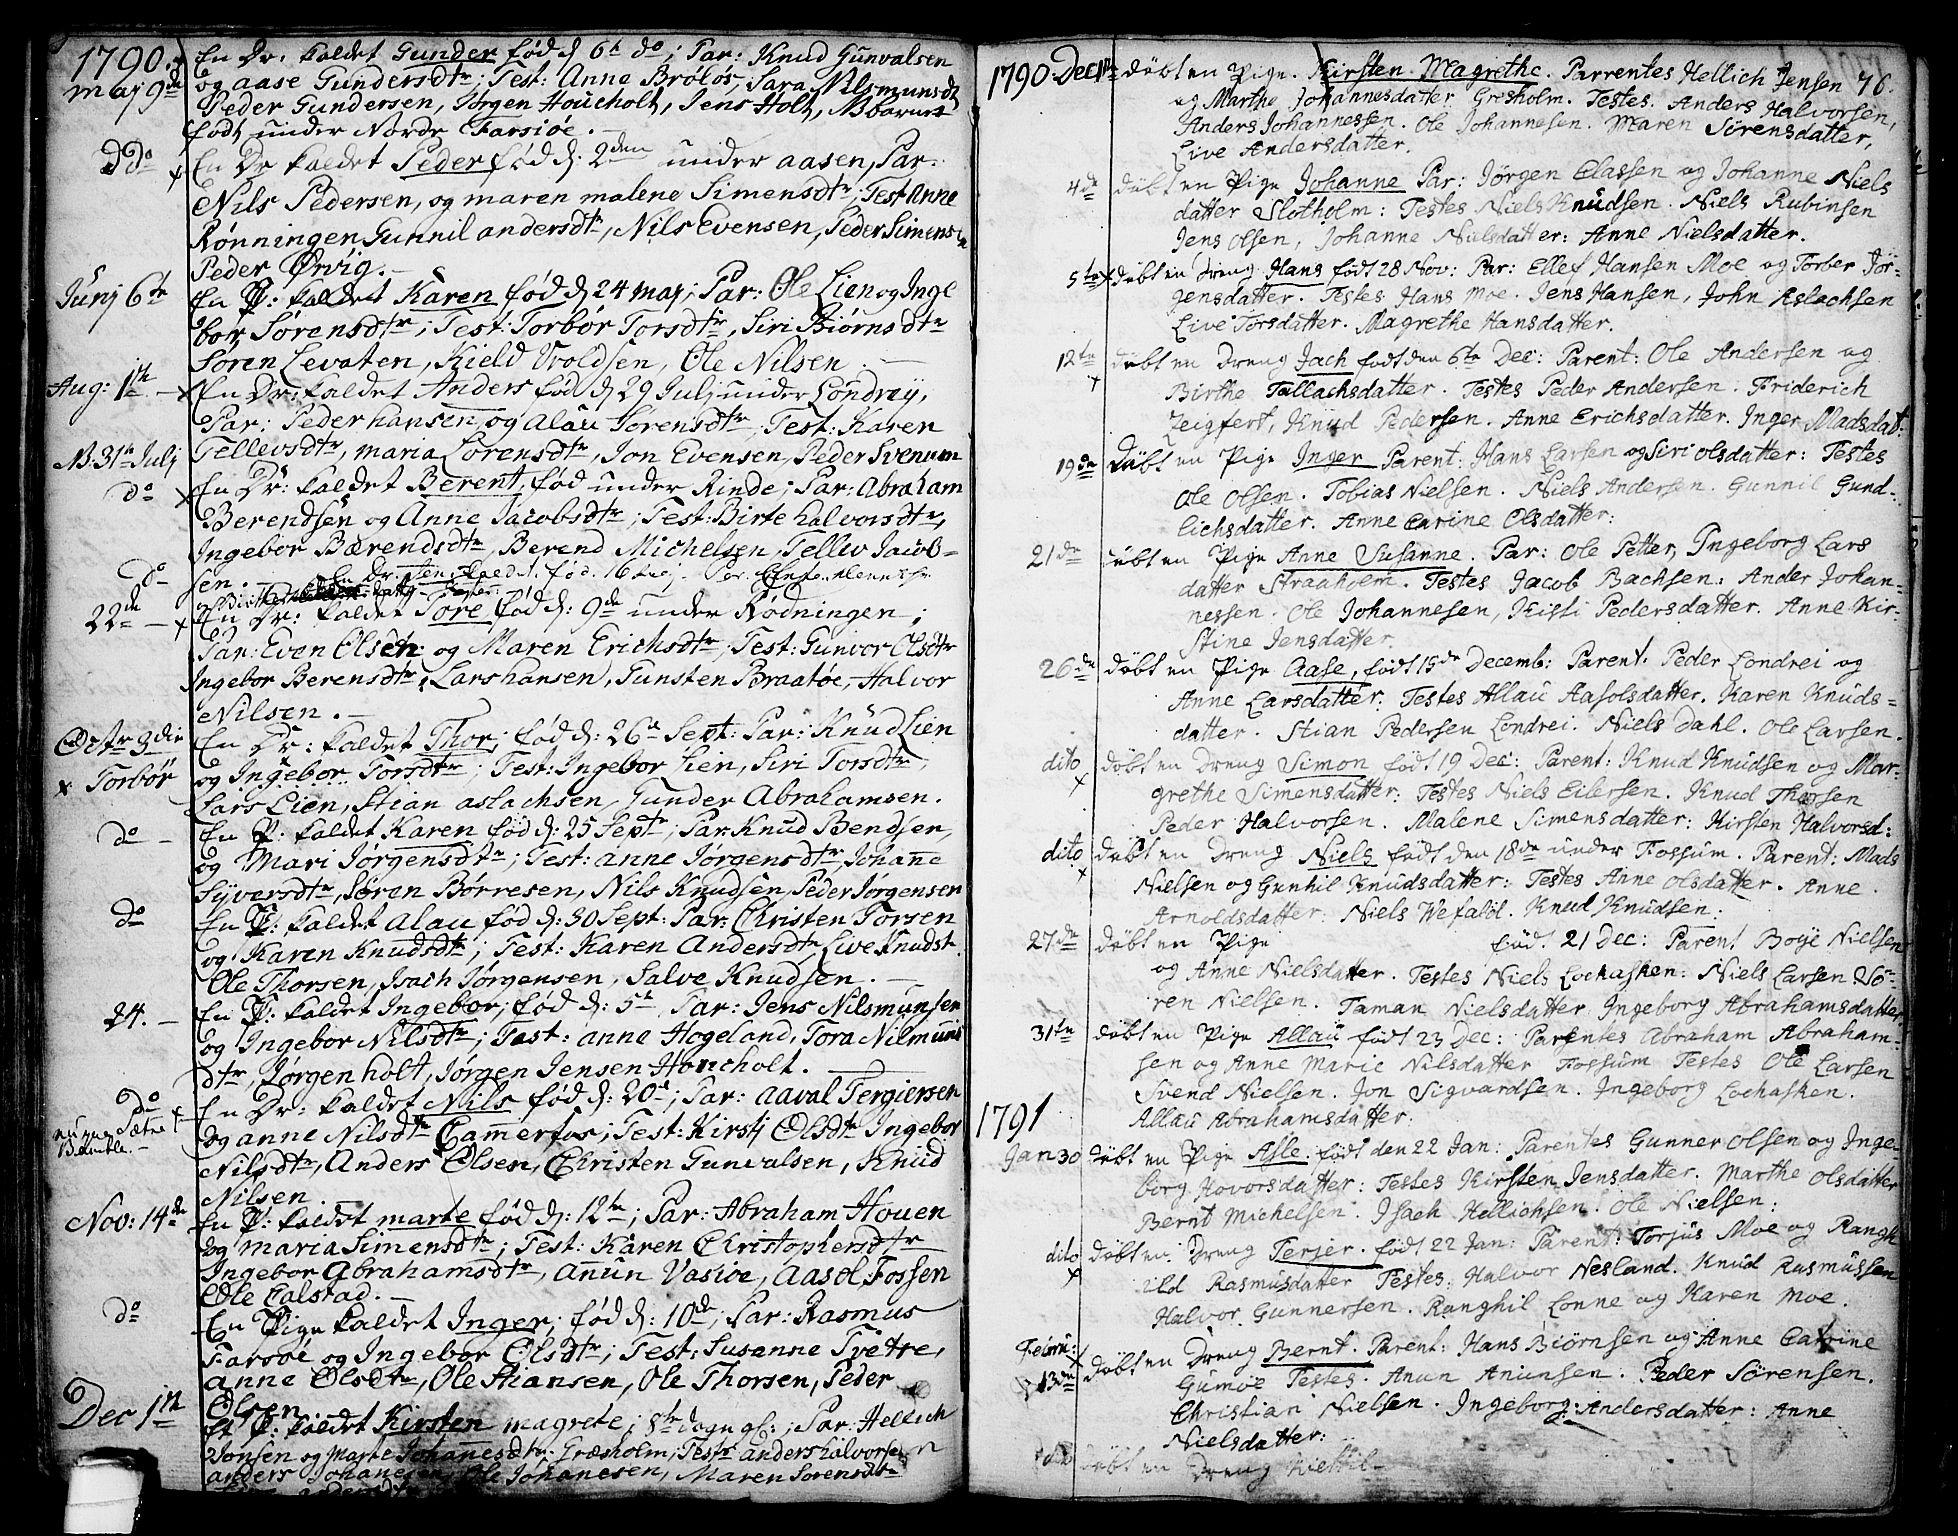 SAKO, Sannidal kirkebøker, F/Fa/L0002: Ministerialbok nr. 2, 1767-1802, s. 76